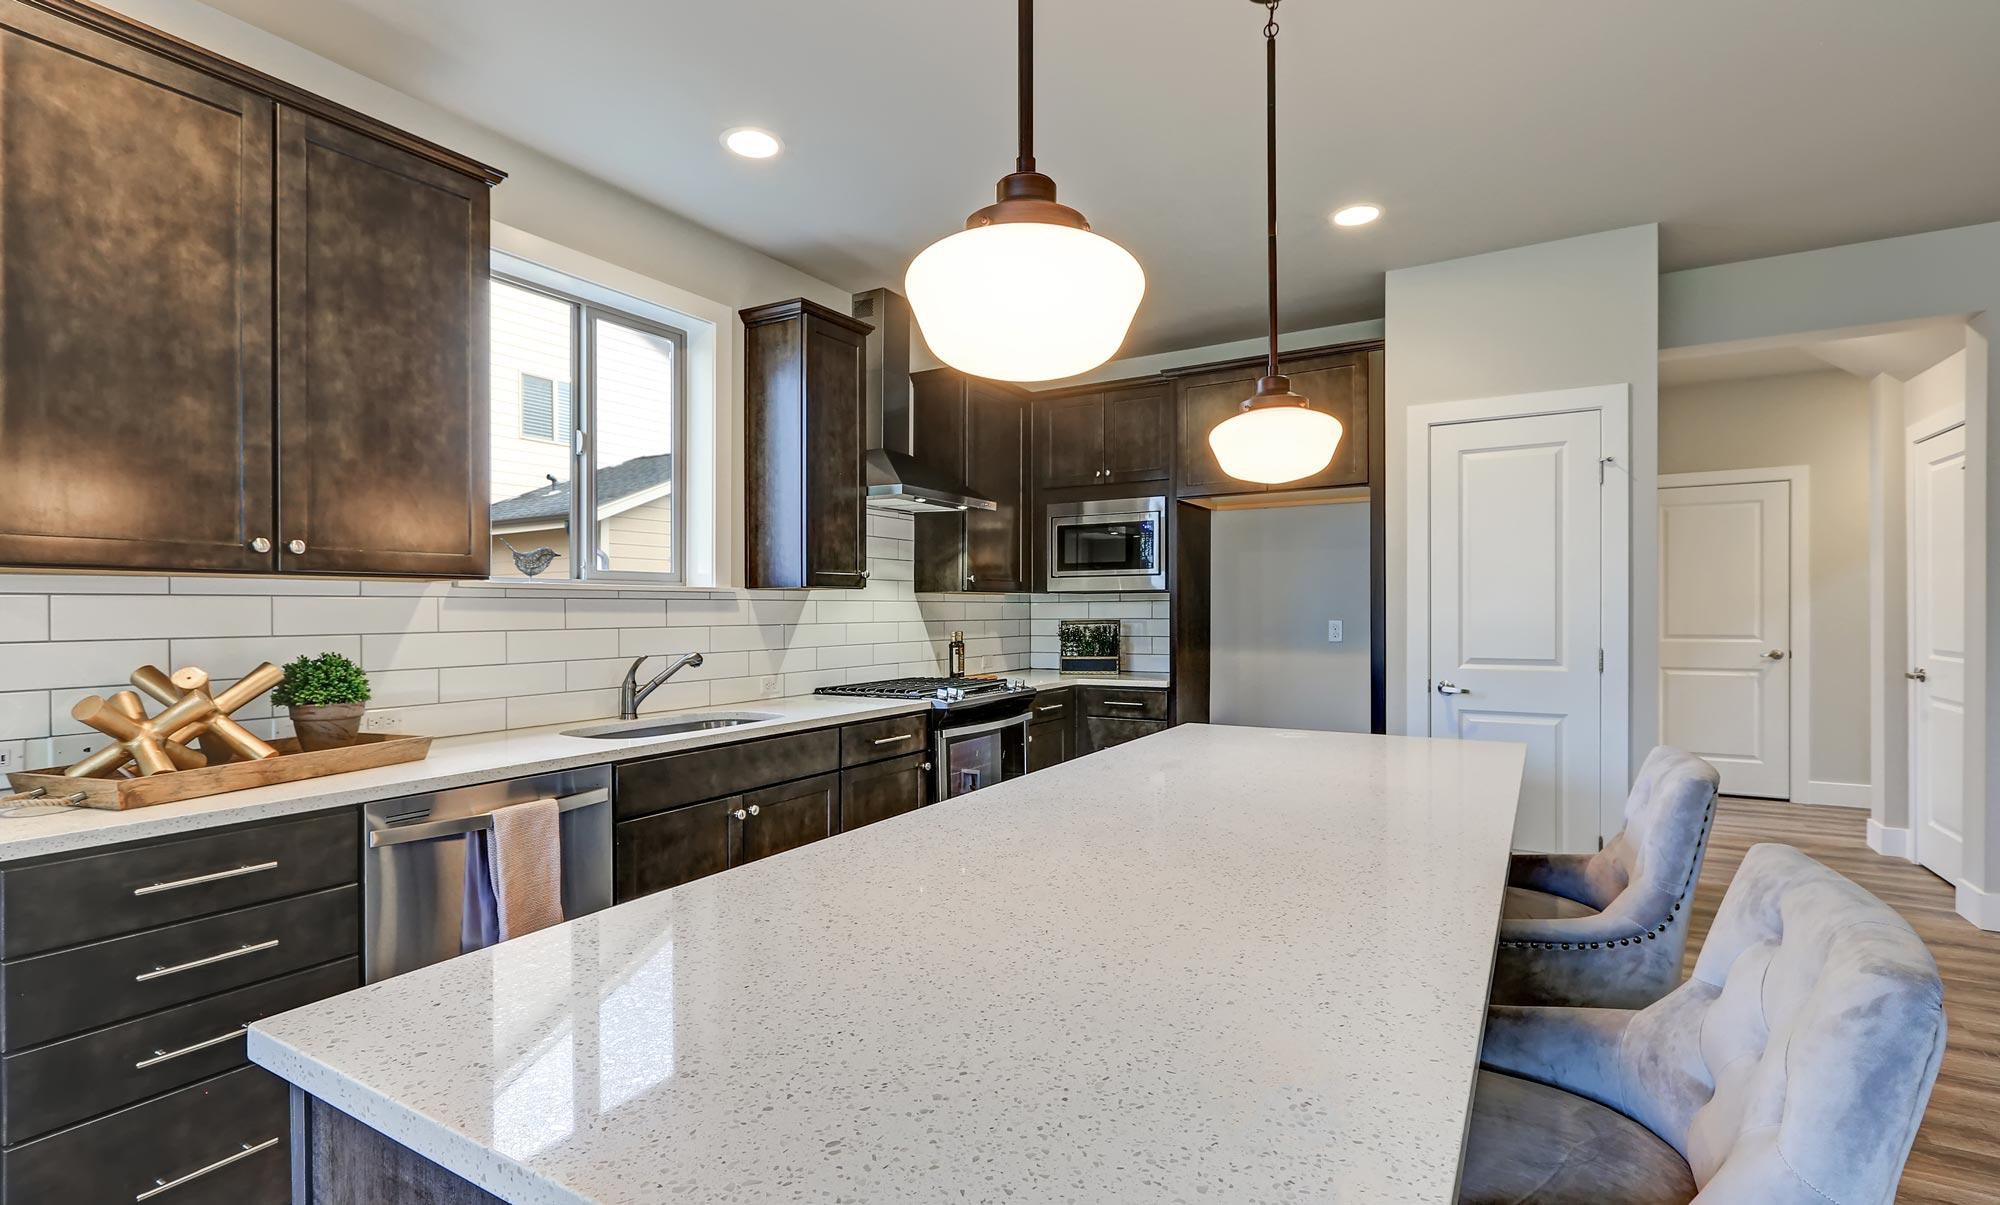 alpharetta ga kitchen design, remodeling | milton kitchen renovations